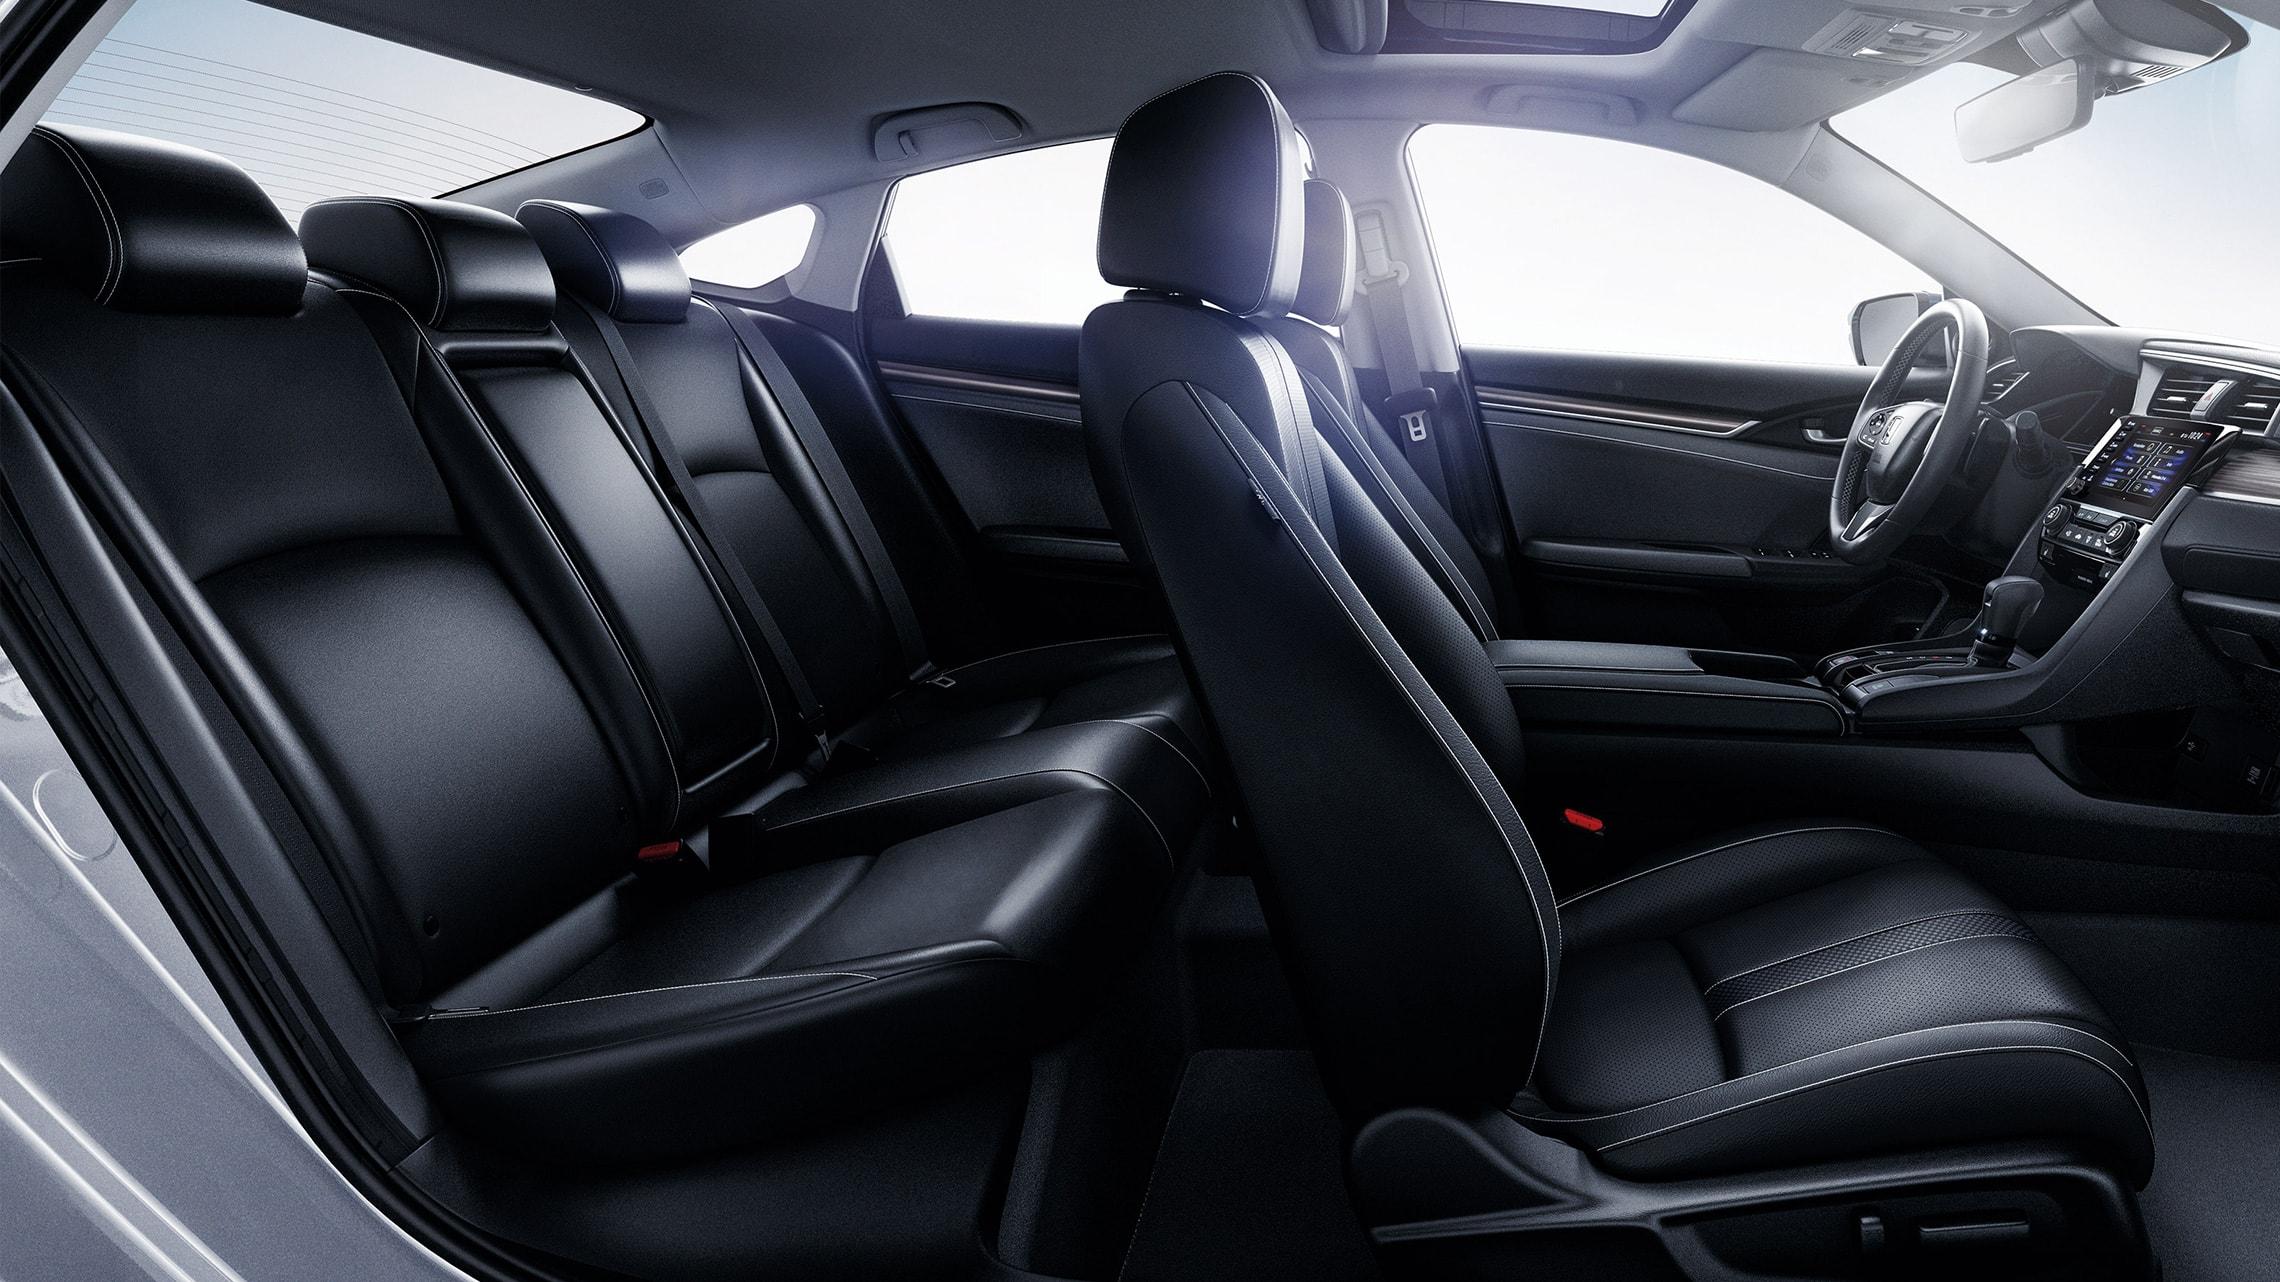 Vista del interior desde el lado del pasajero del Honda Civic Touring Sedán2021 con interior en Black Leather.